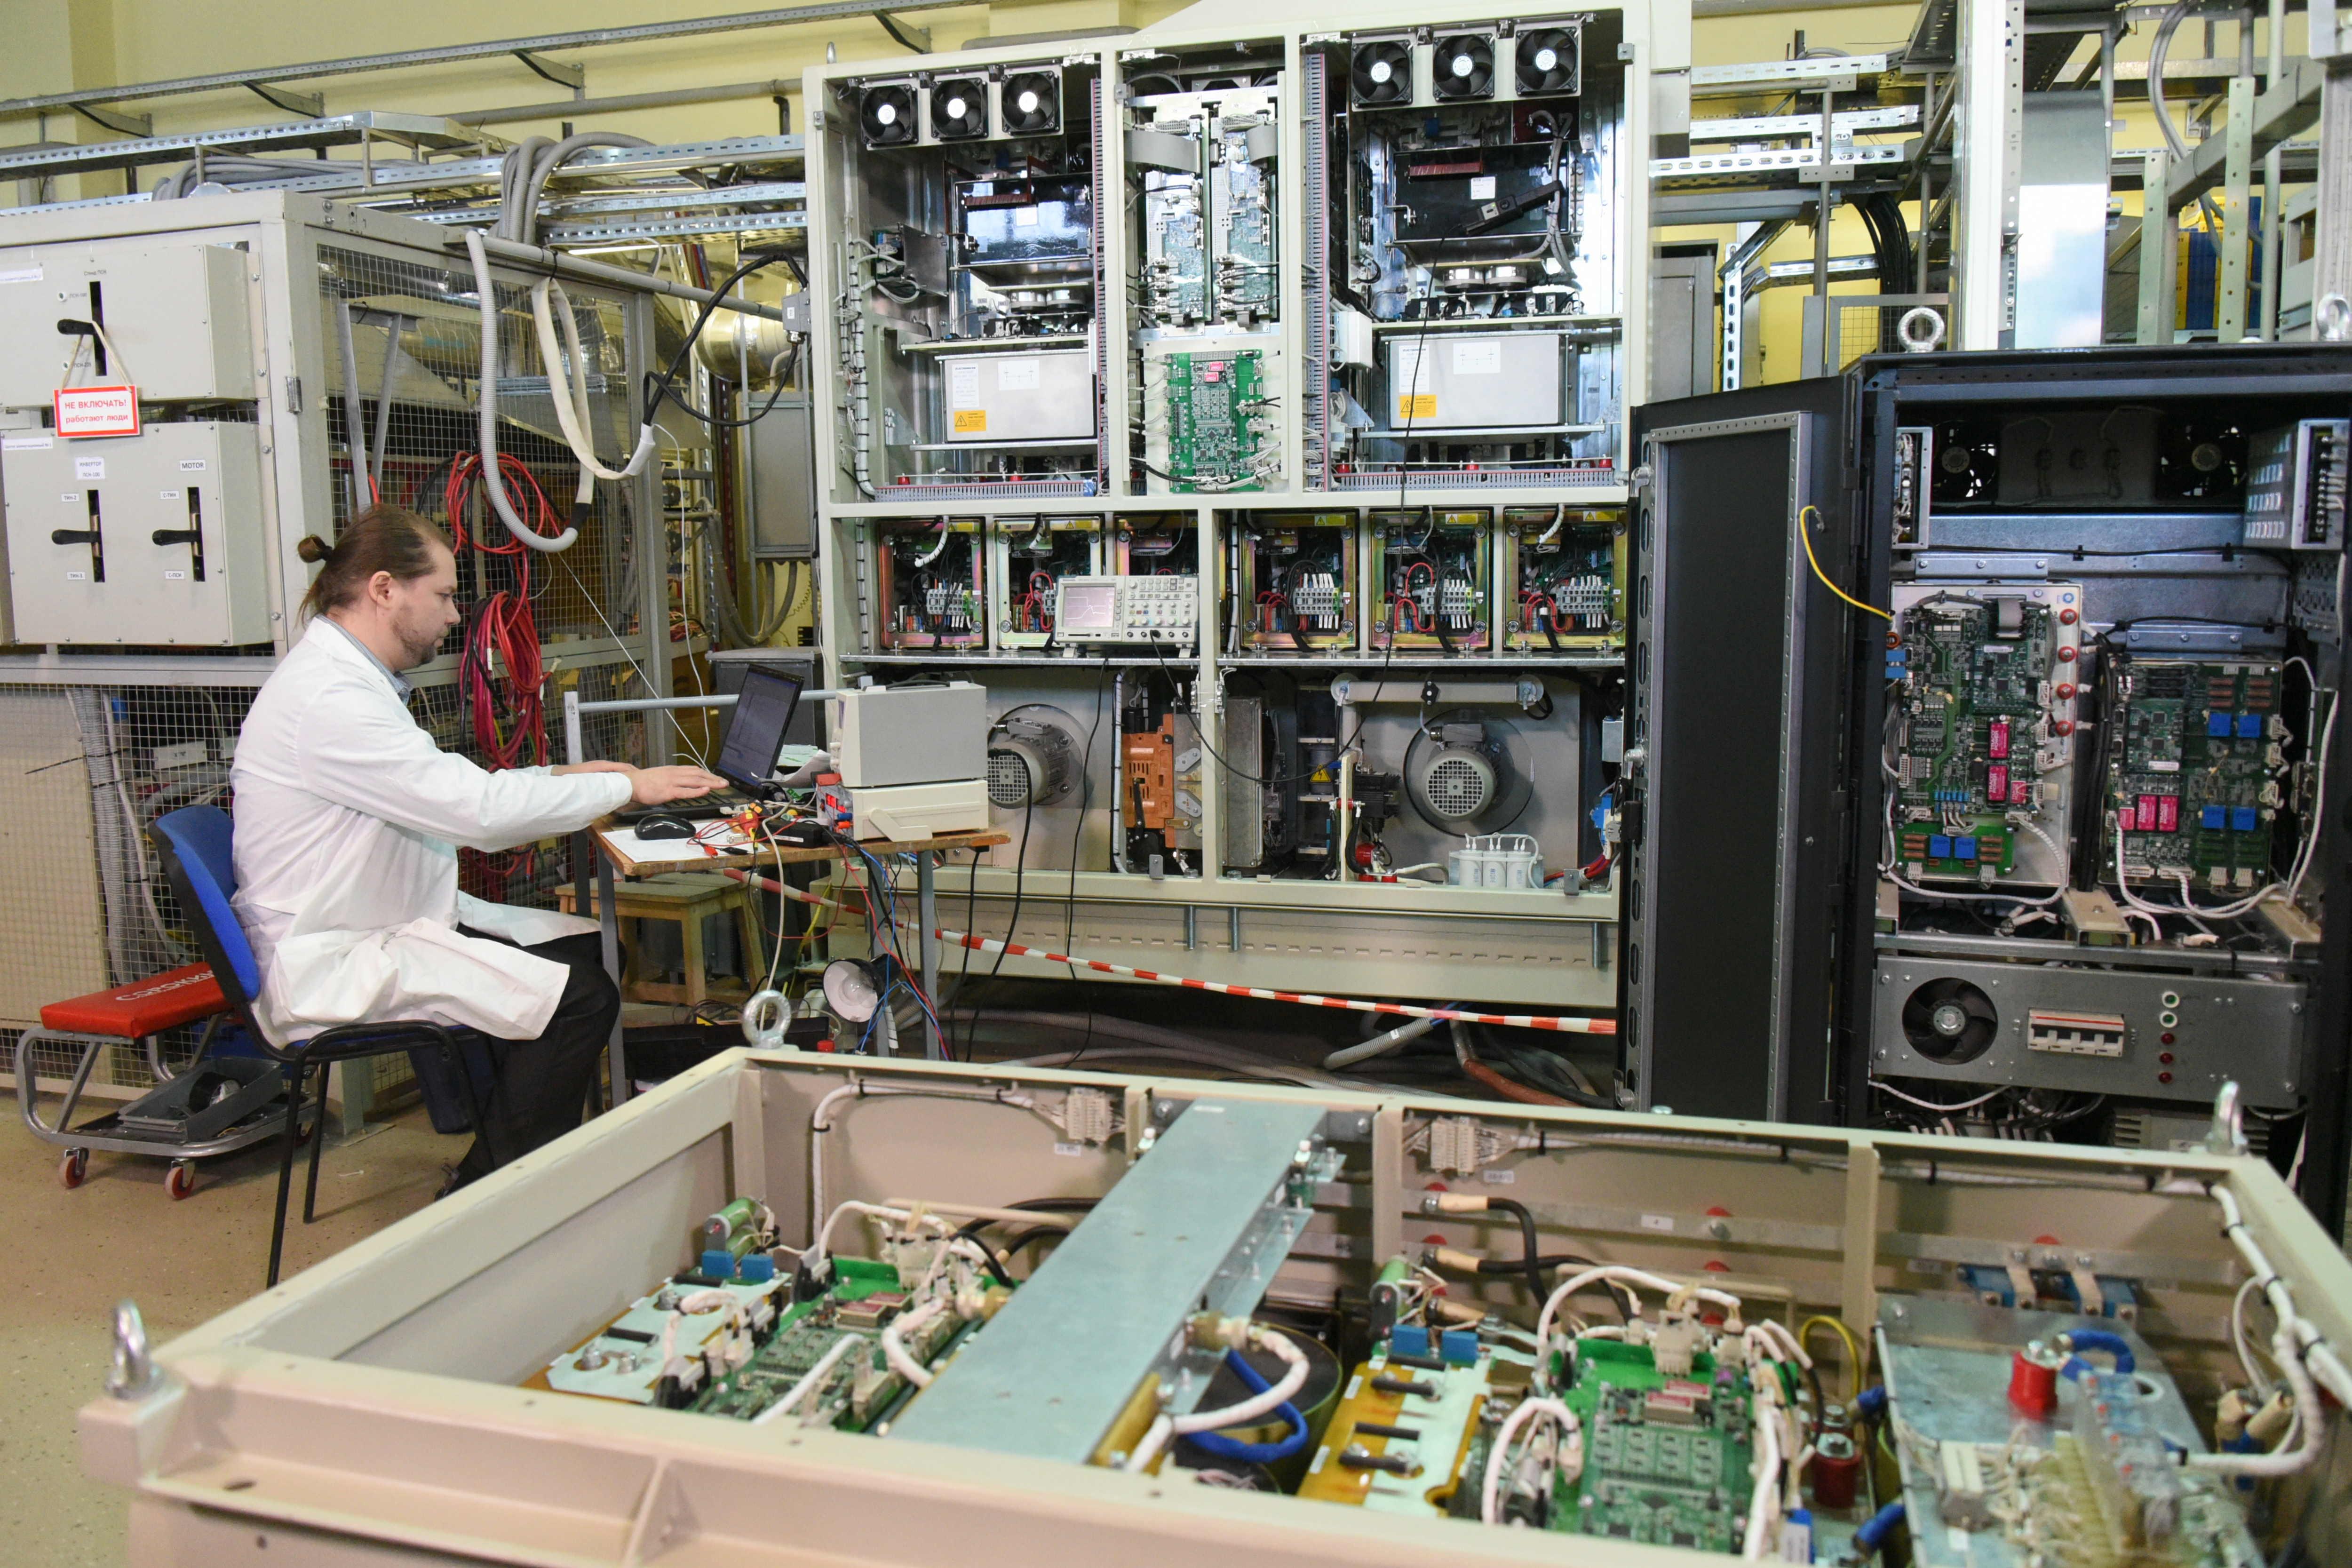 Более 1,7 тысячи иностранных компаний работают в технопарках Новой Москвы